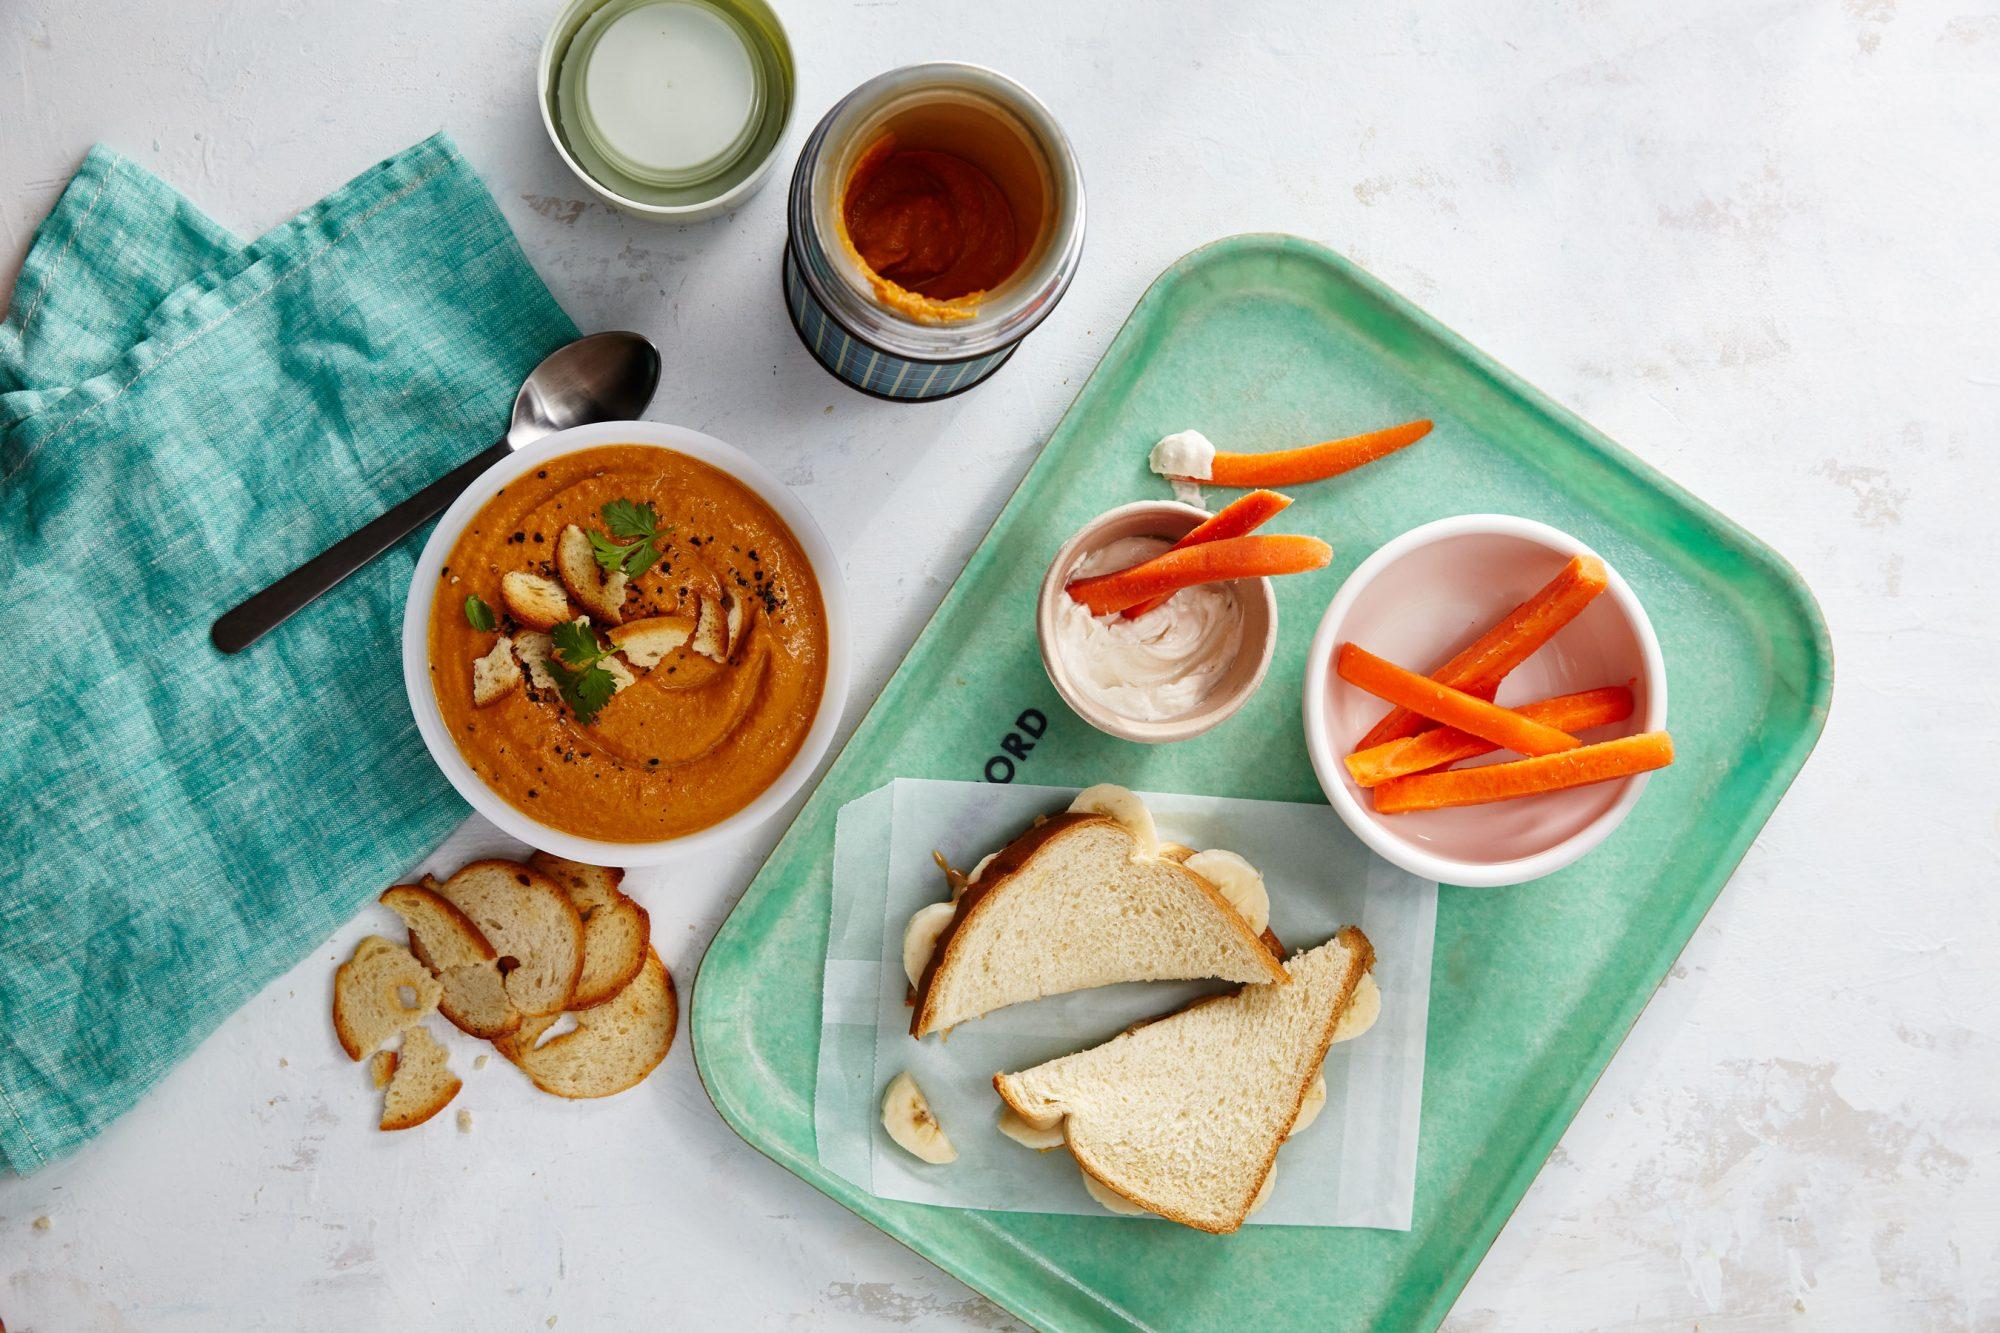 Gingered Carrot Cashew Soup/Cashew Butter Banana Sandwich header image